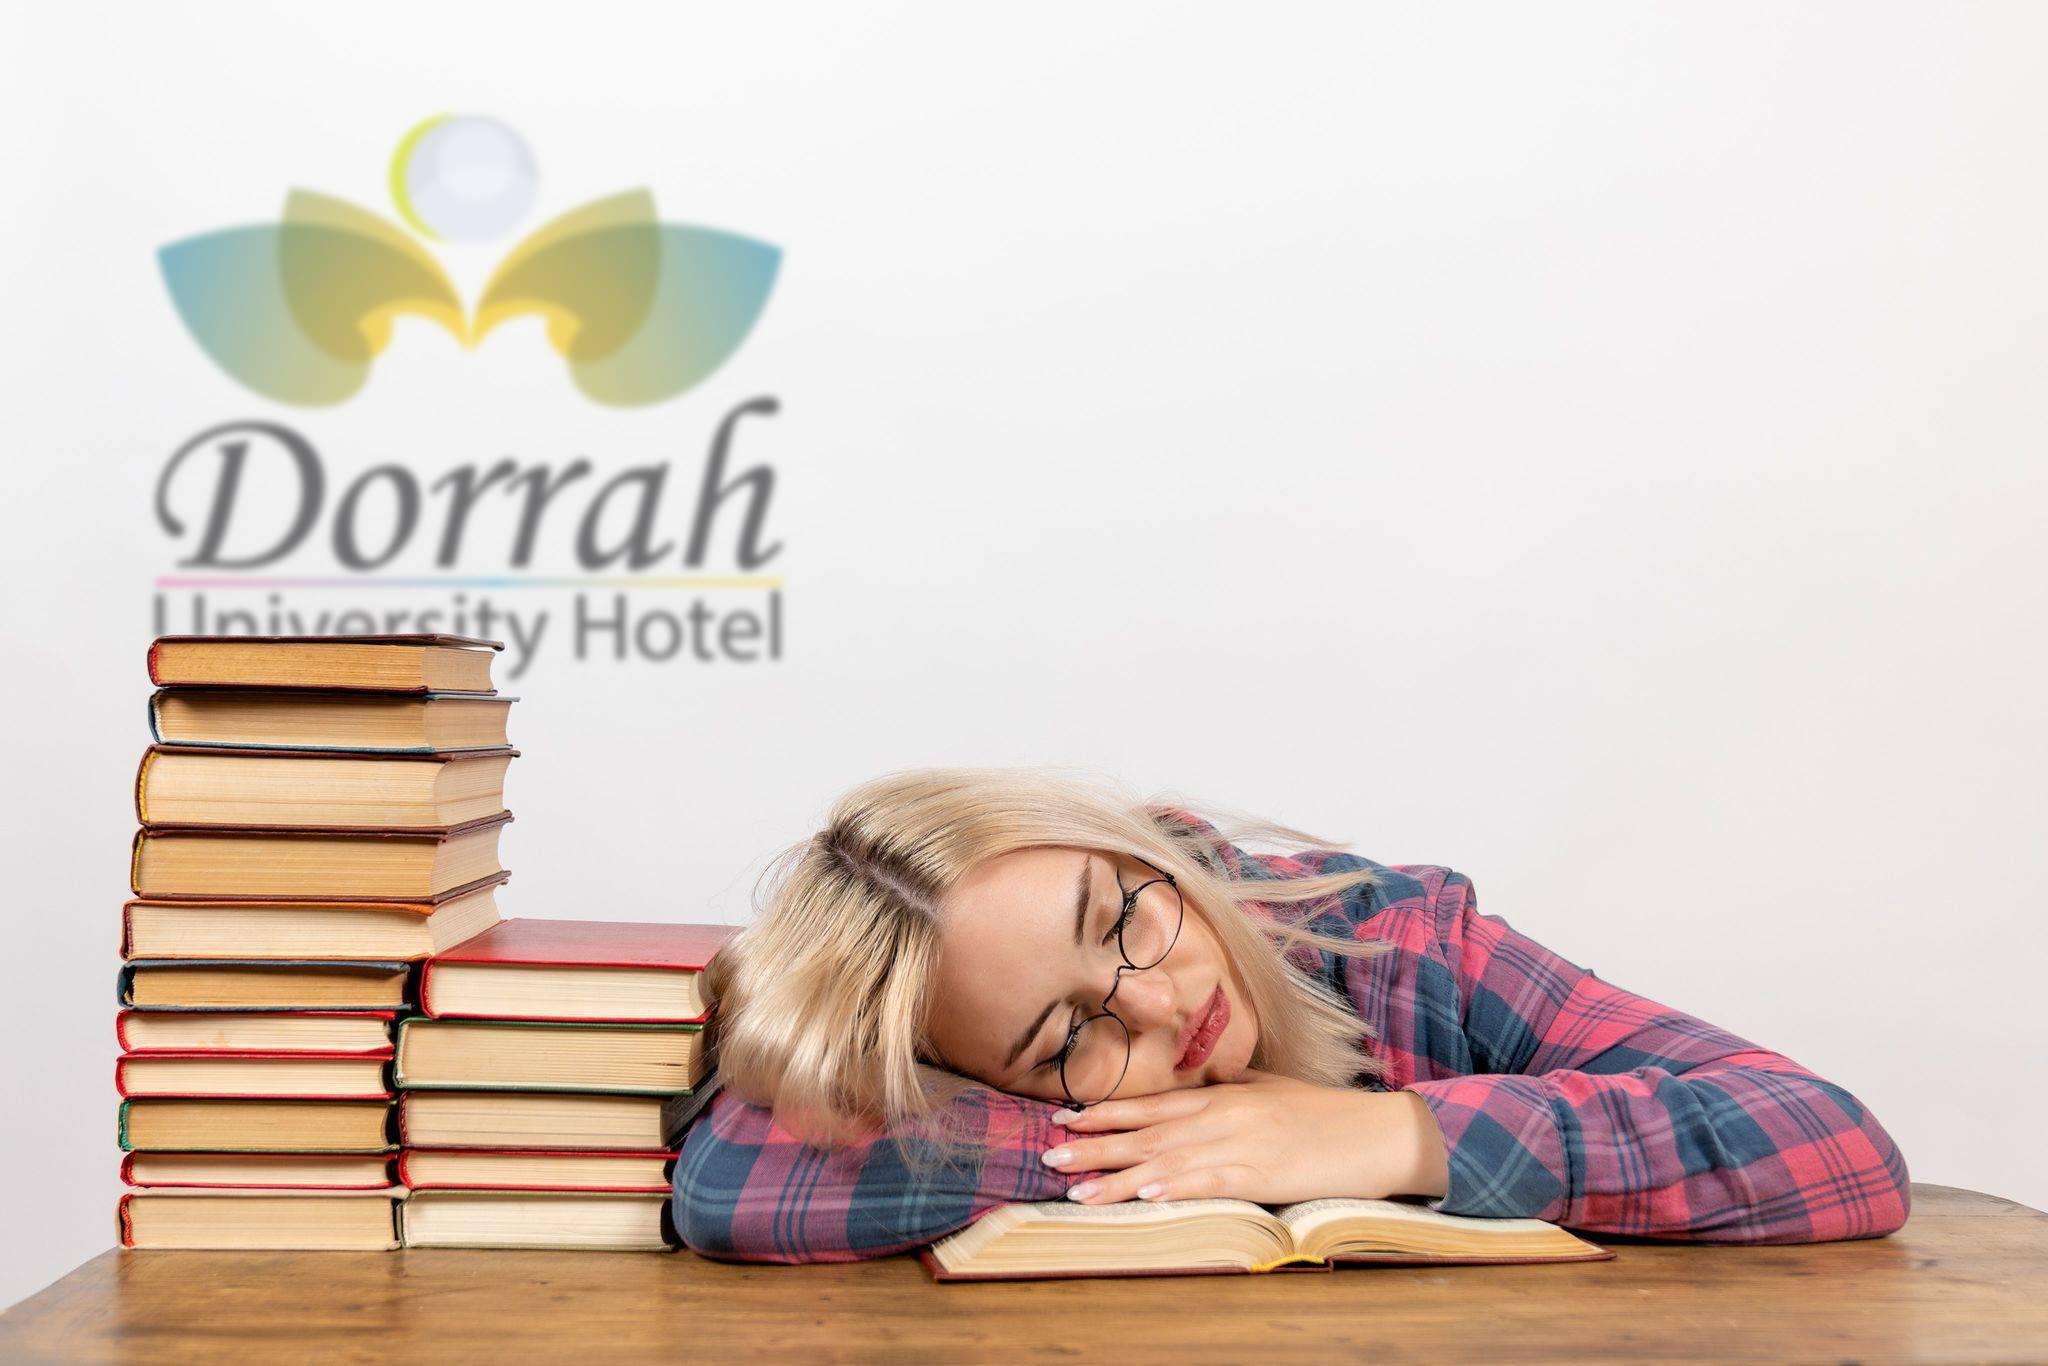 Pet savjeta za kvalitetan odmor tokom i nakon ispita